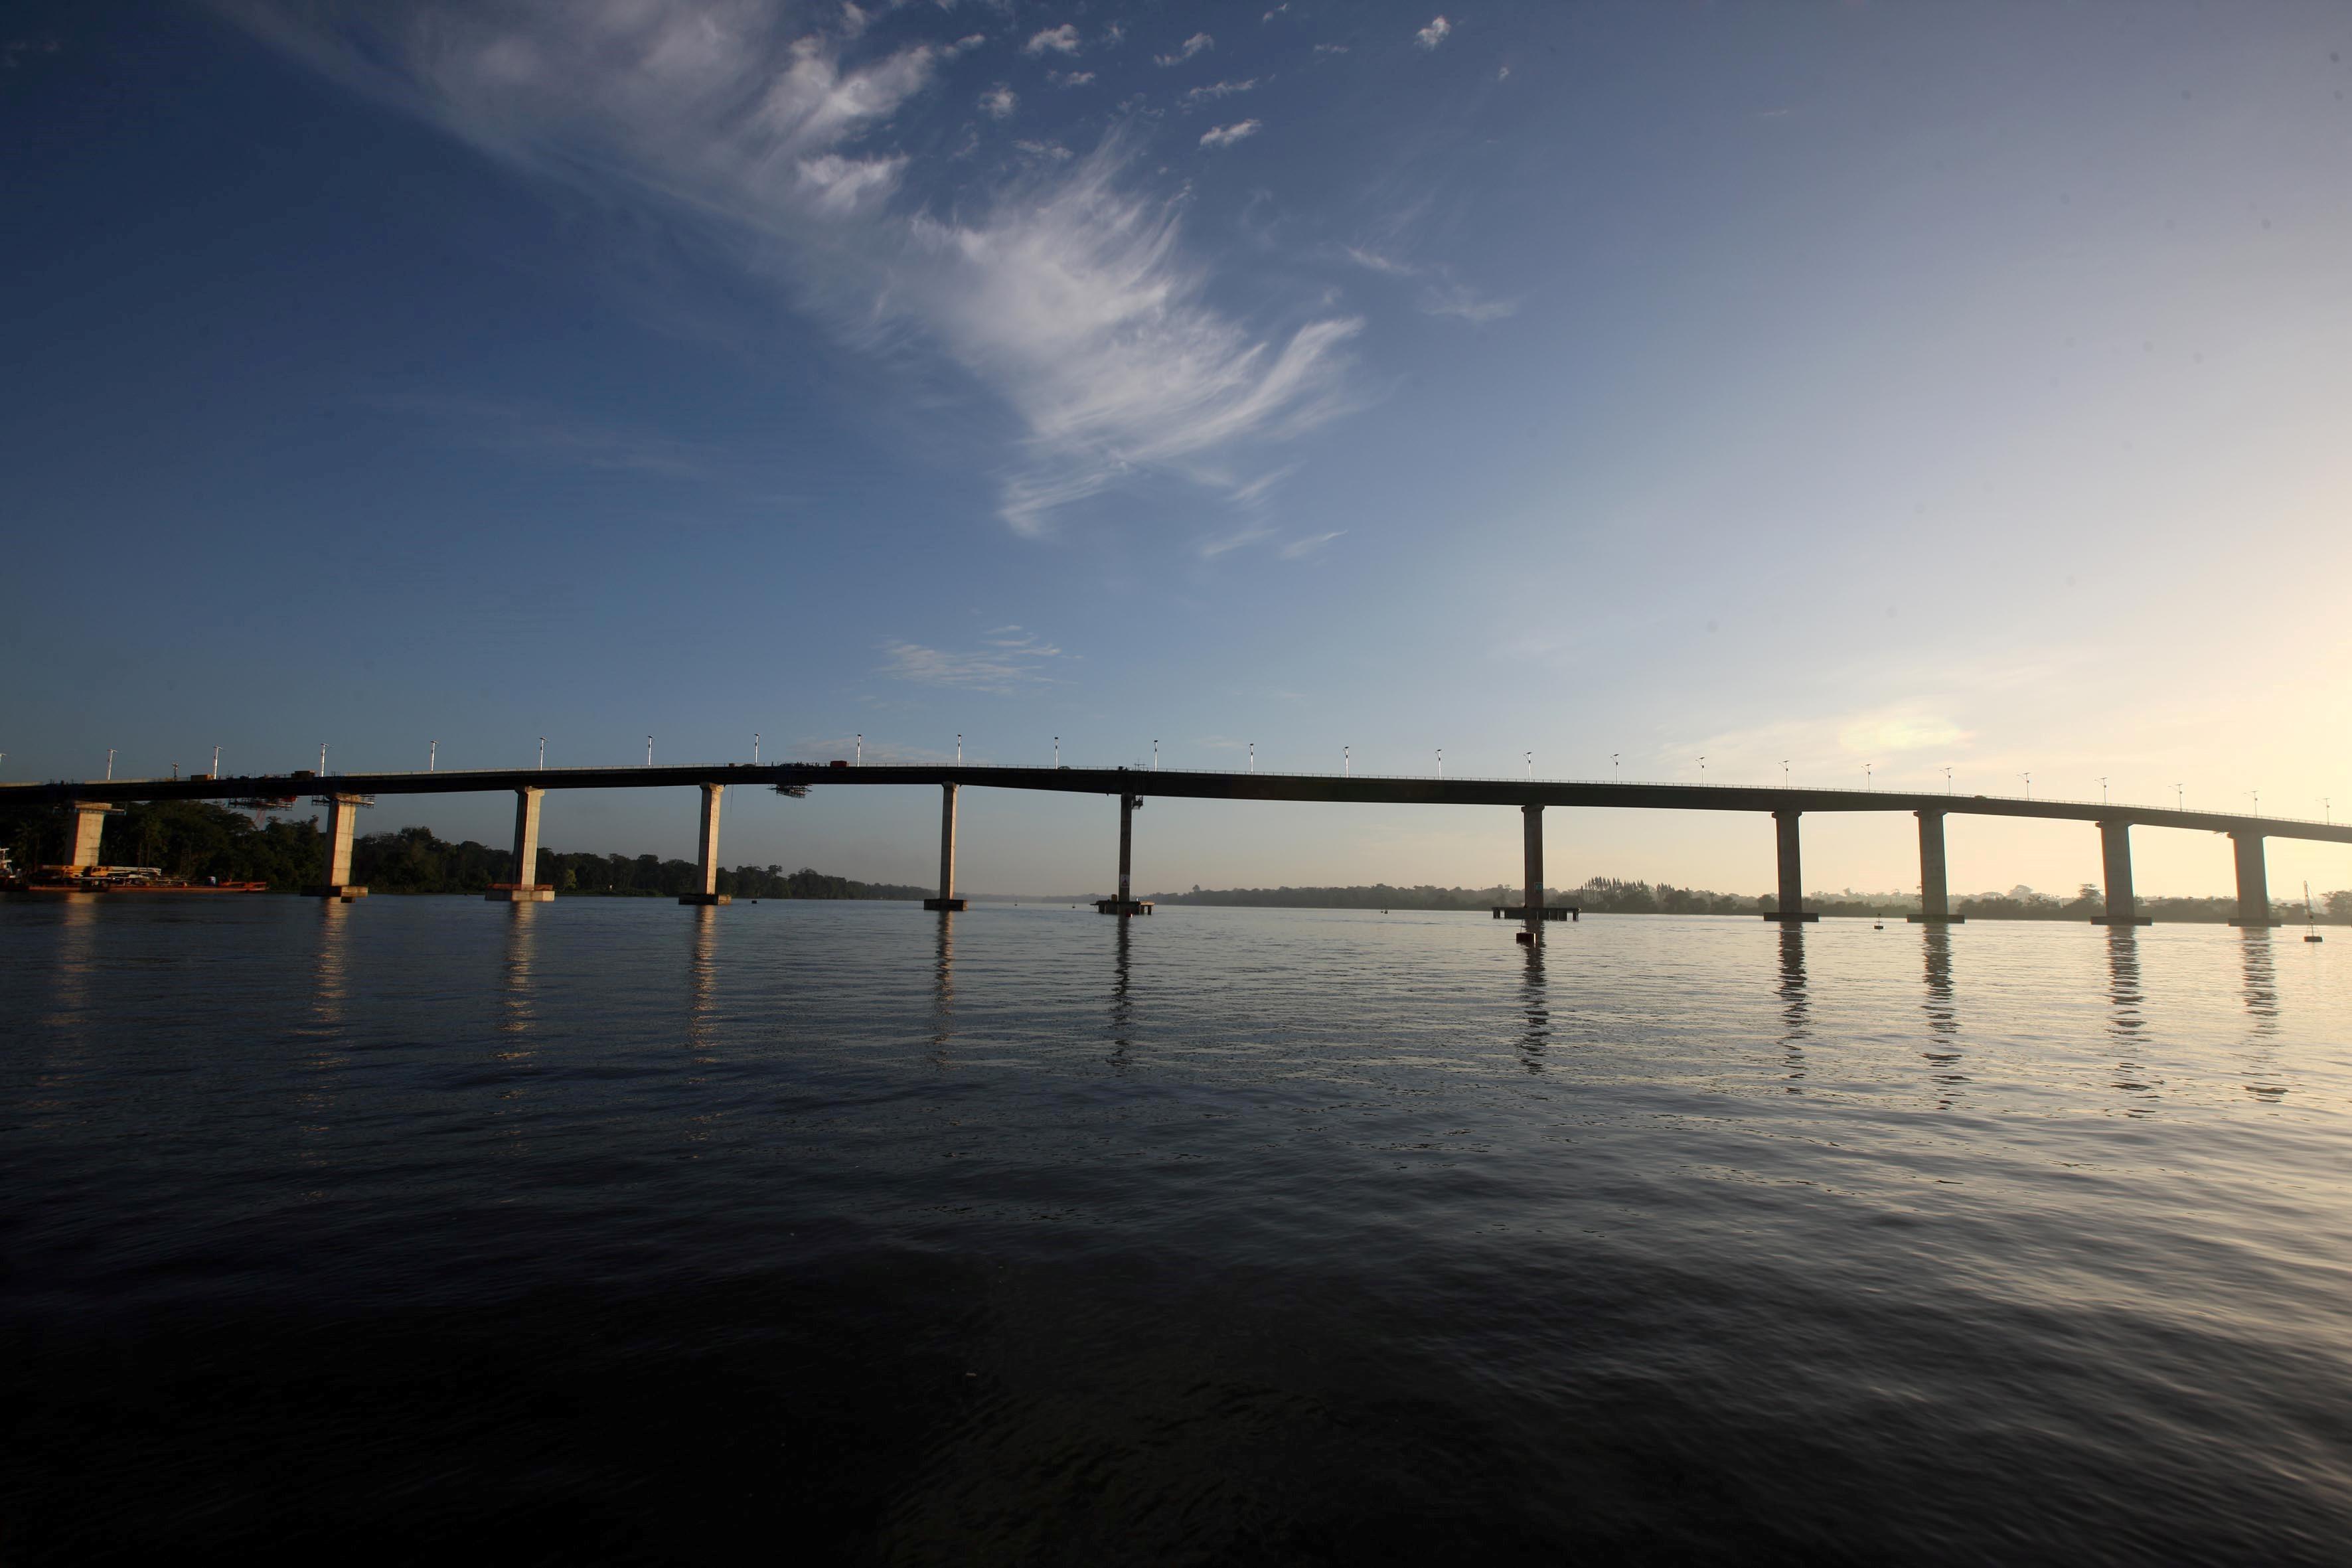 Ponte sobre o Rio Moju, no complexo da Alça Viária, que foi reconstruída após ser atingida por uma embarcação